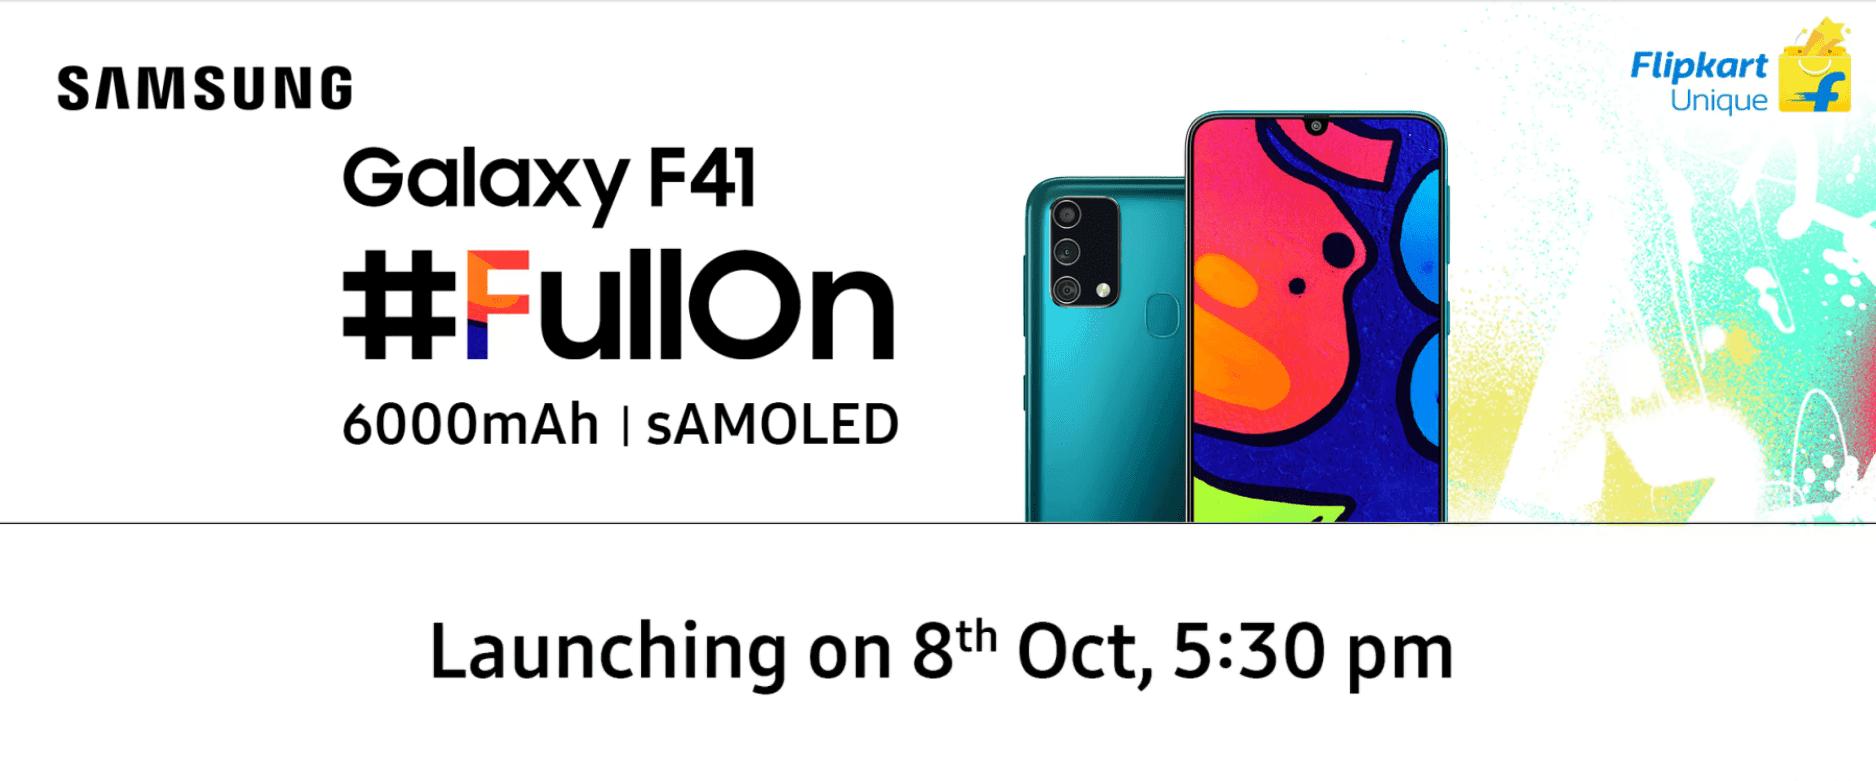 Samsung Galaxy F41 med 6000 mAh batteri startar den 8 oktober via Flipkart